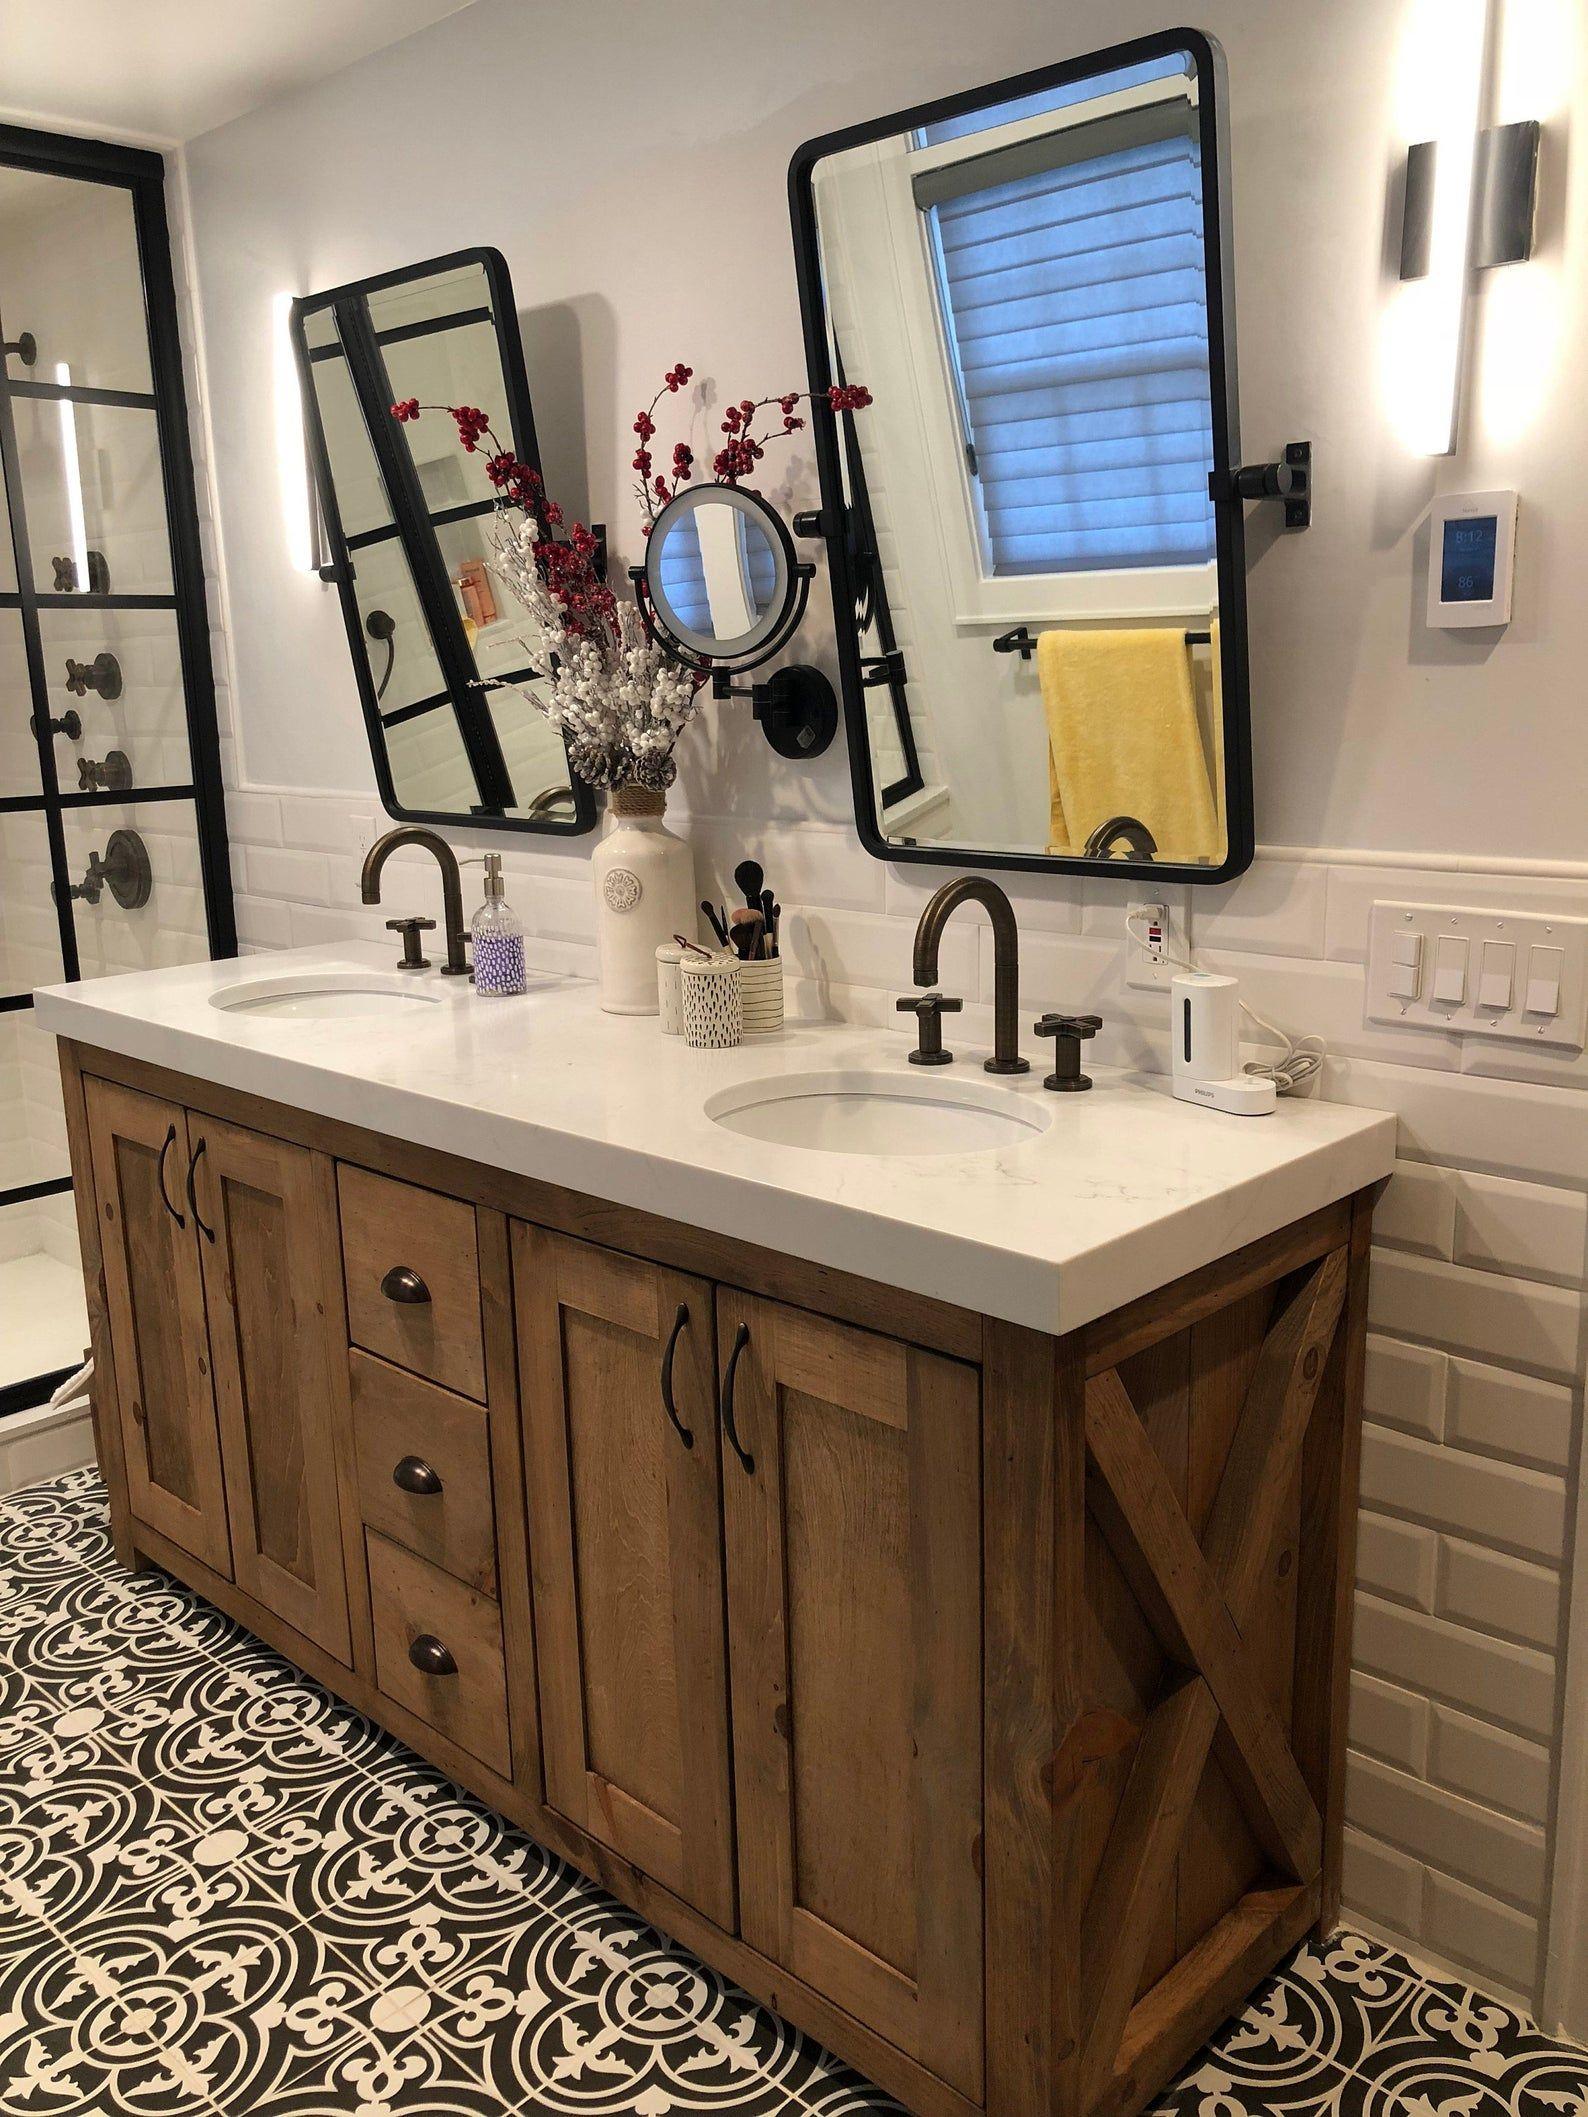 custom bathroom vanity etsy in 2020 custom bathroom on custom bathroom vanity plans id=17178